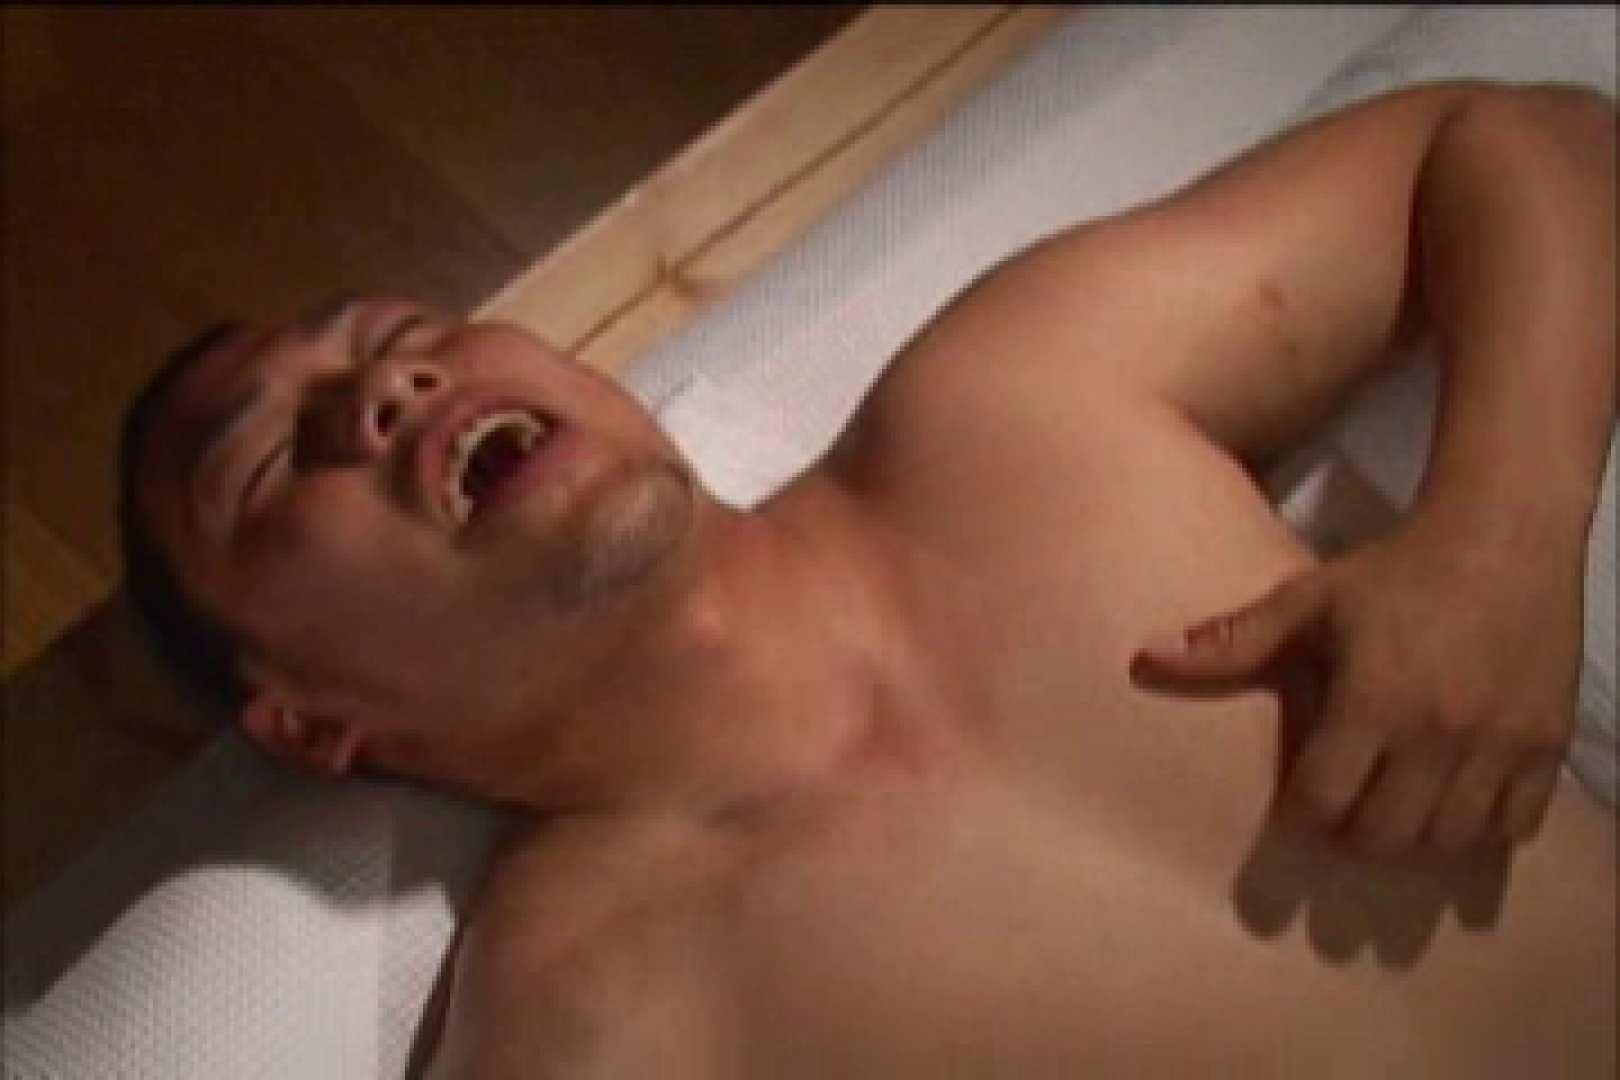 スポMENファック!!反り勃つ男根!!vol.11 スポーツマン ゲイ射精シーン 93画像 5